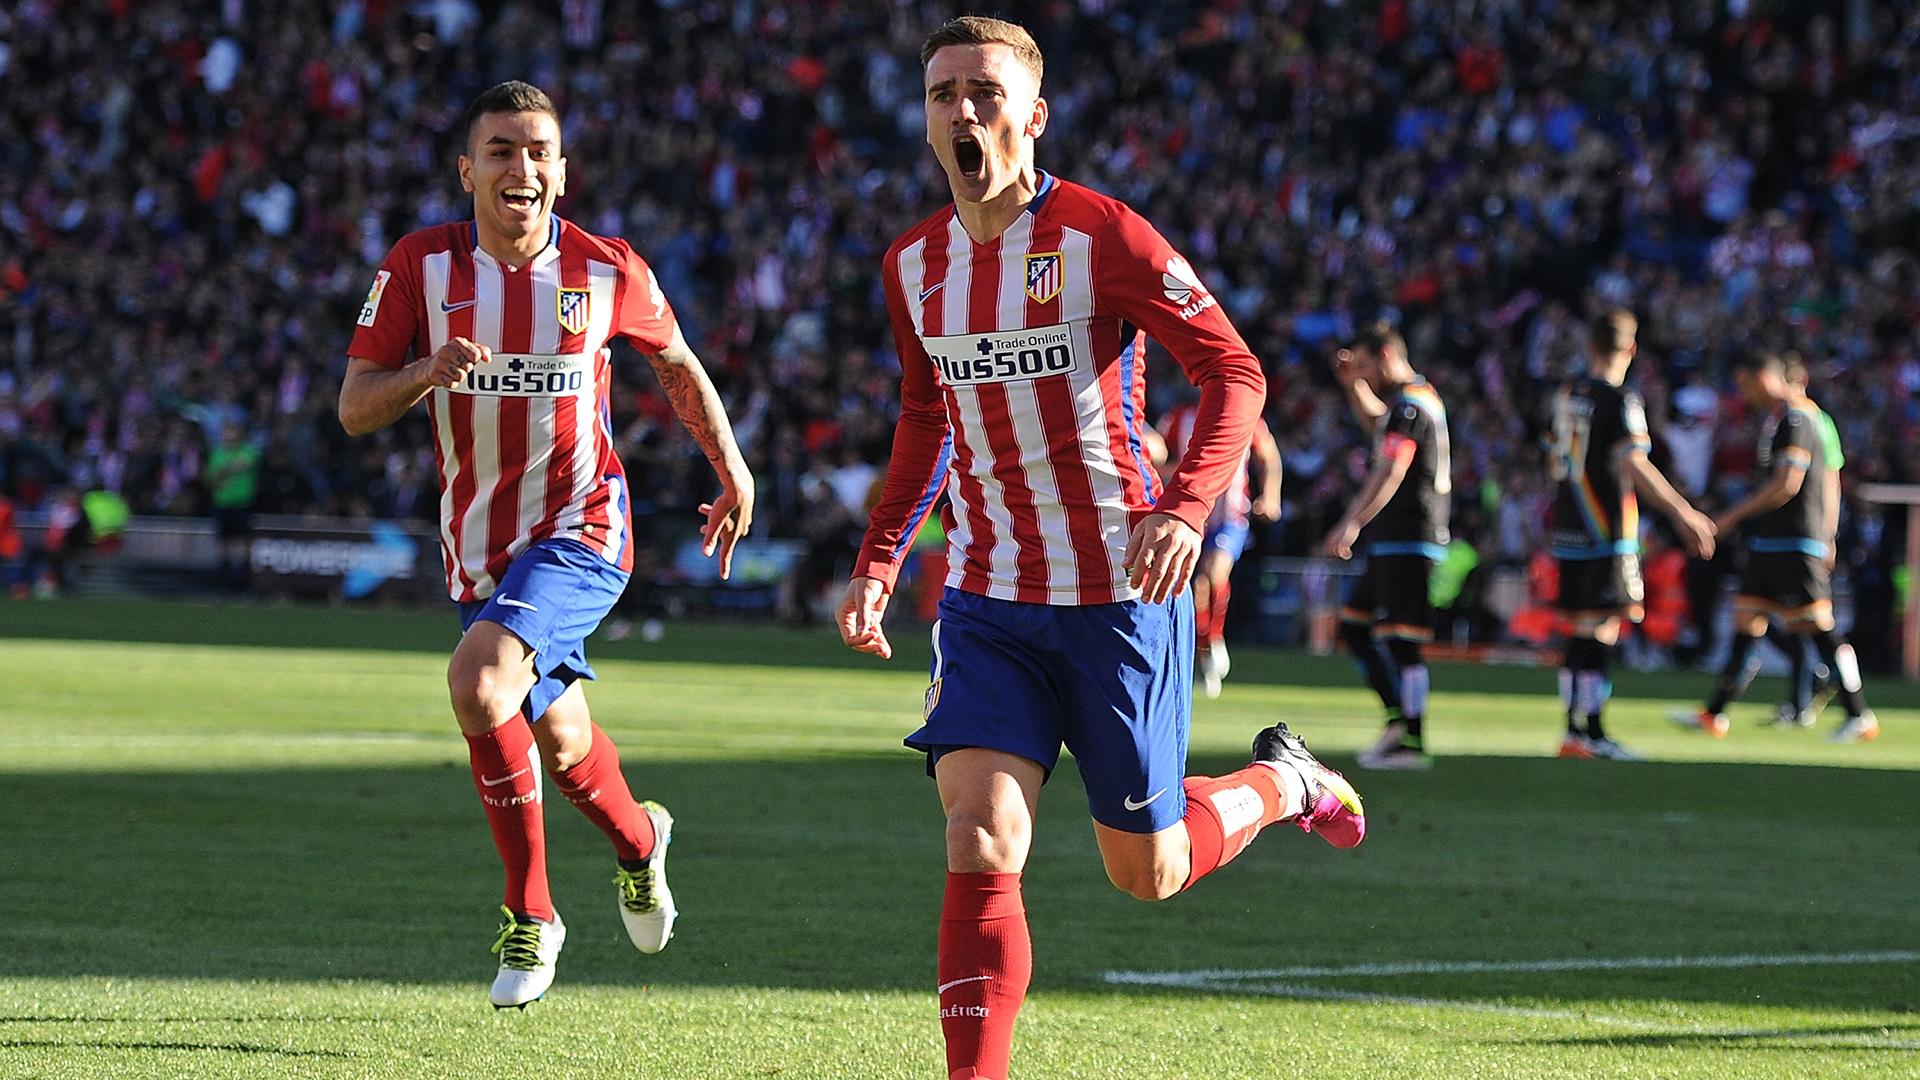 ไฮไลท์  Atletico Madrid 1 - 0 Rayo Vallecano